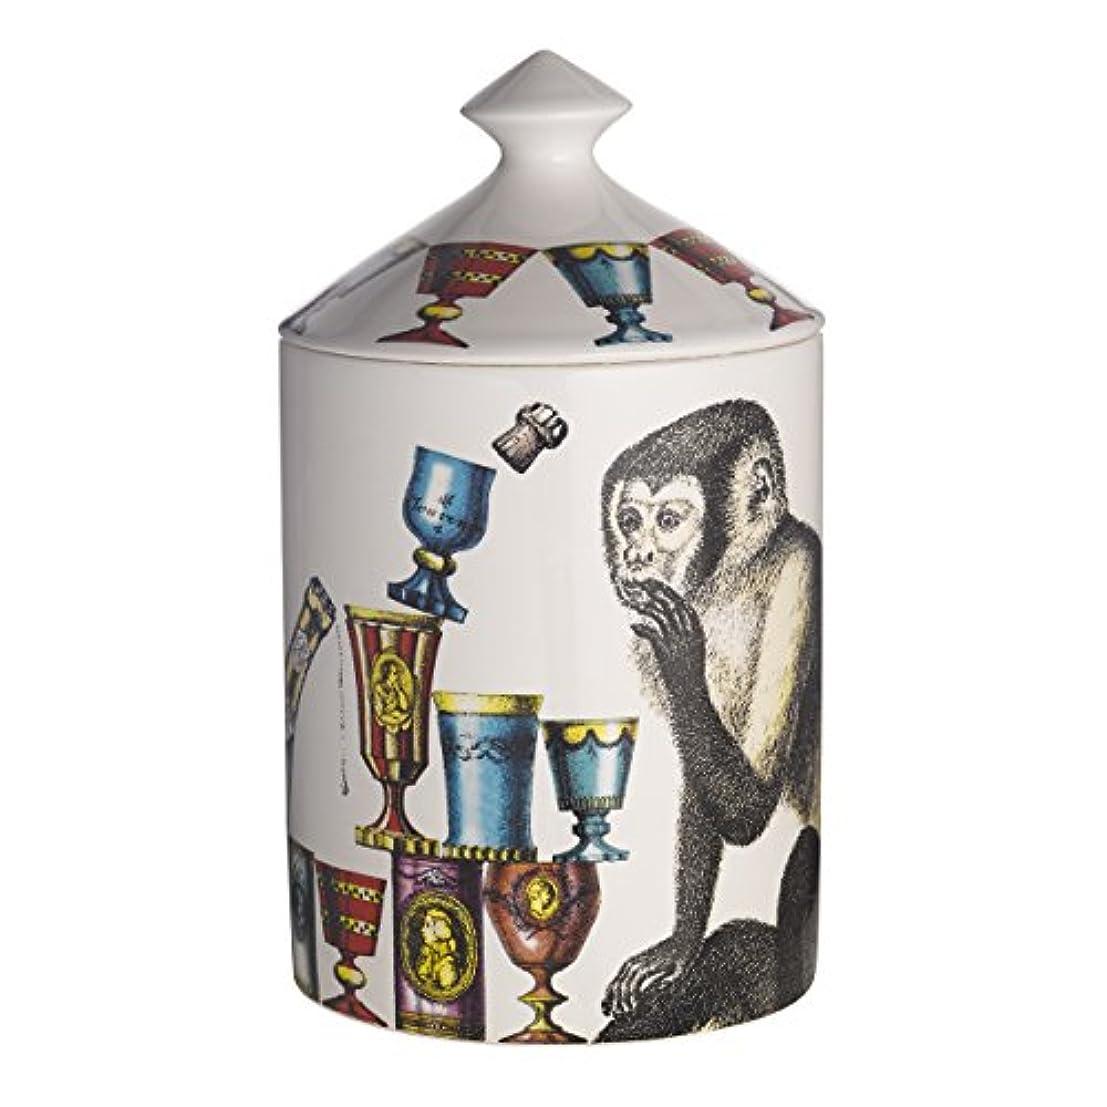 関係調整邪悪なフォルナセッティ シンミエ センテッド キャンドル 300g(Fornasetti Scimmie Scented Candle 300g)[海外直送品] [並行輸入品]